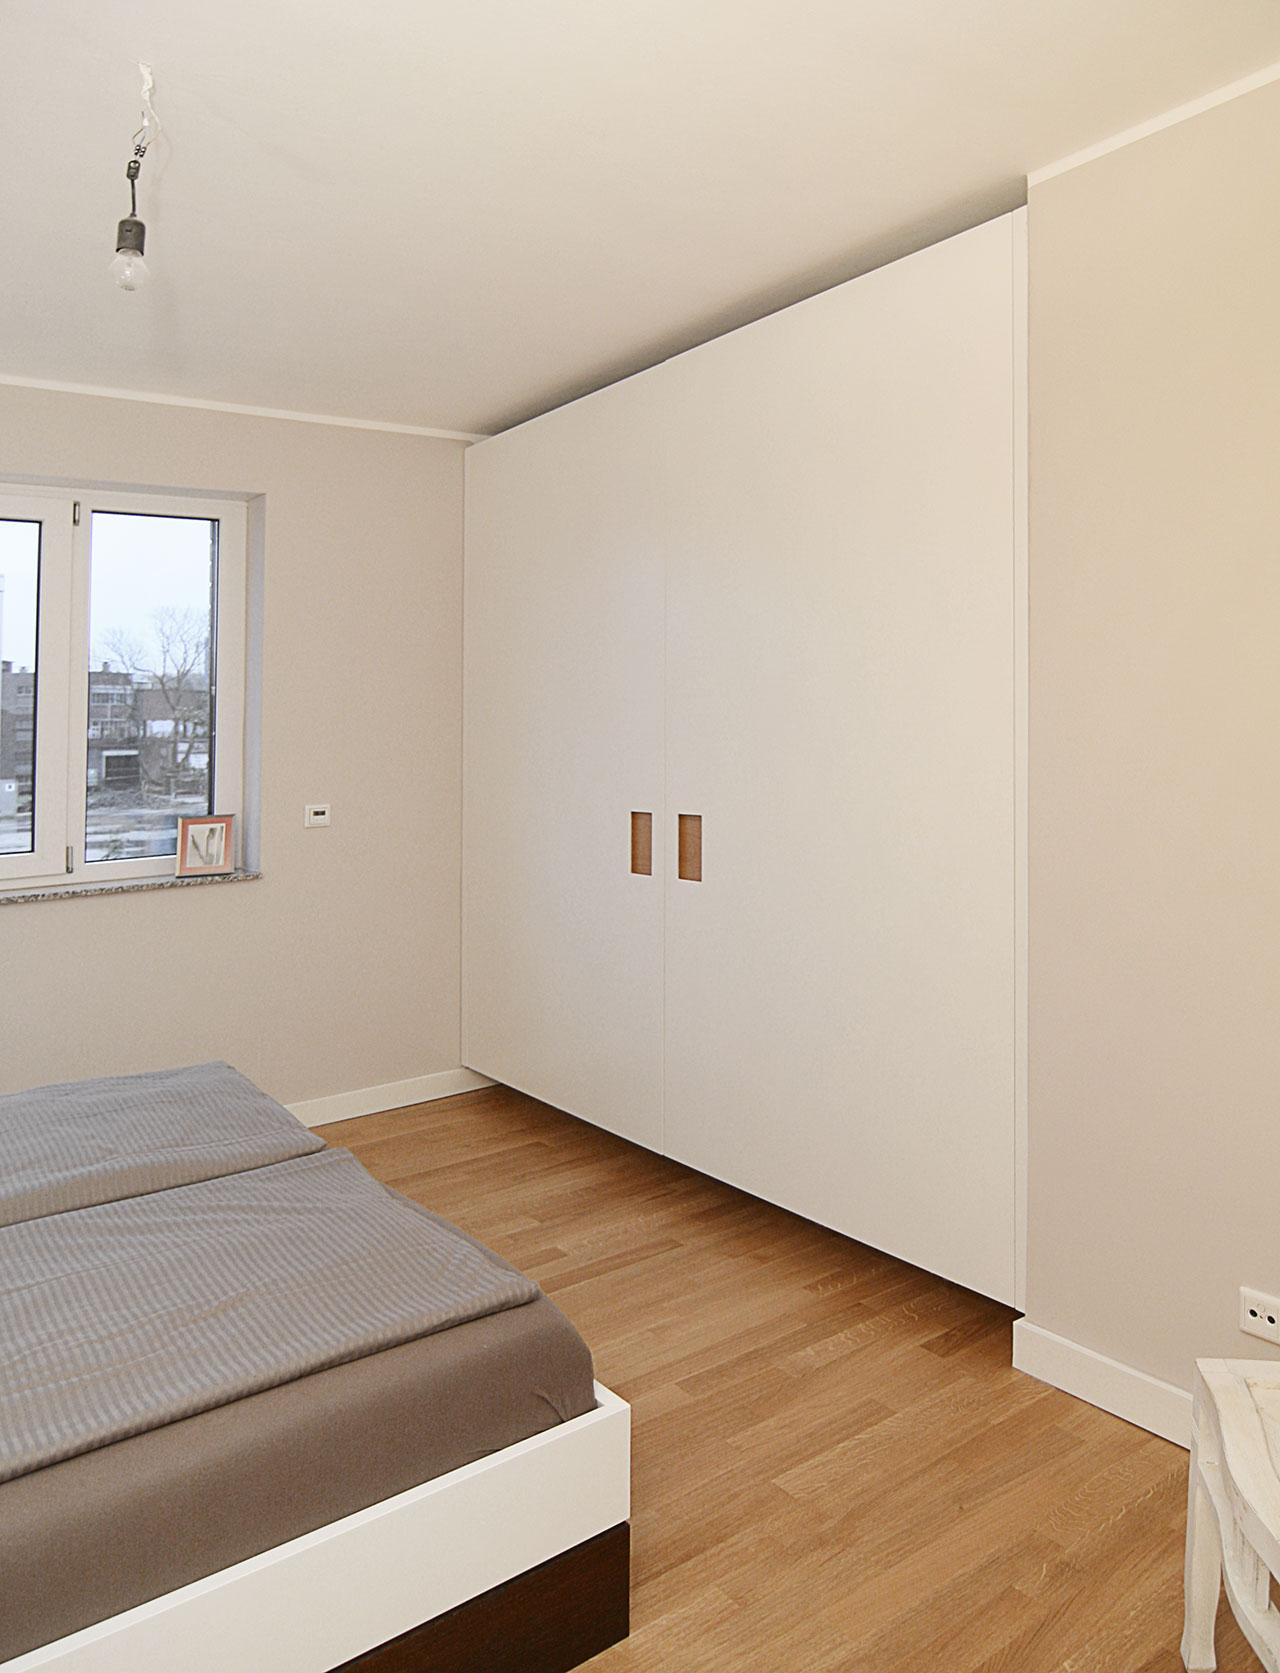 schiebet ren xxl schreinerei berghausen. Black Bedroom Furniture Sets. Home Design Ideas